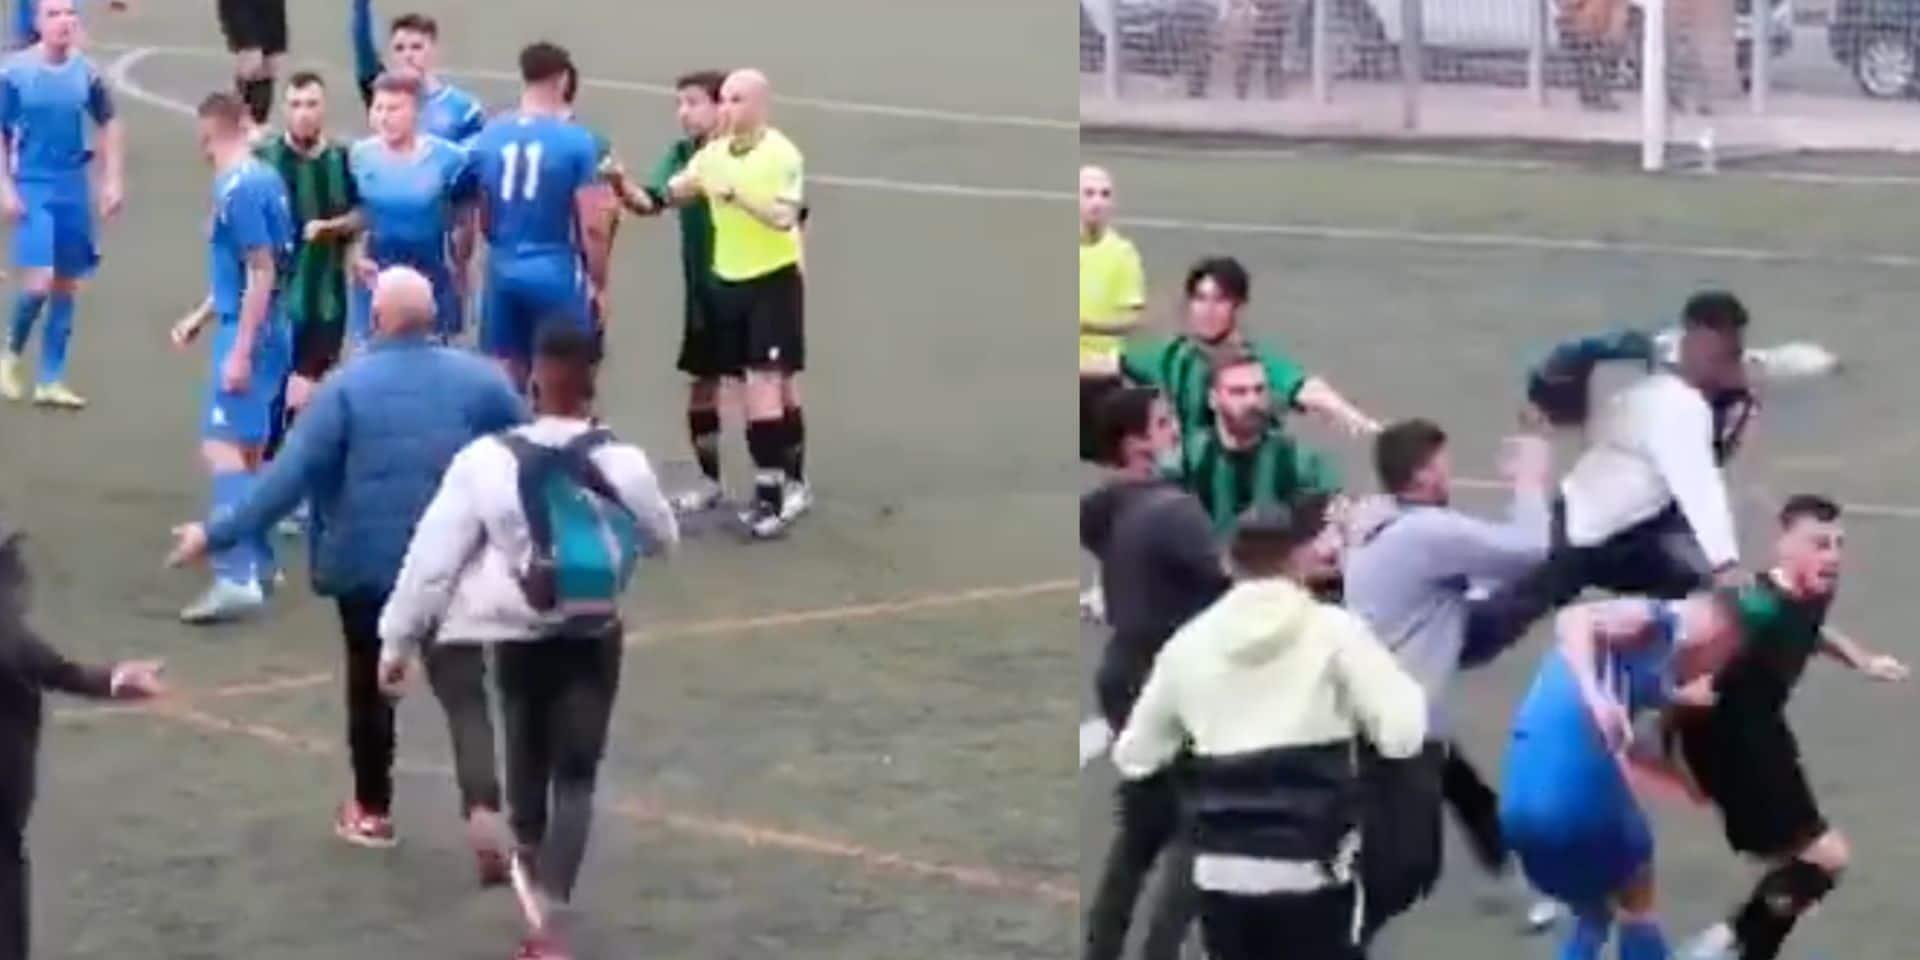 Un match de football dégénère en Espagne: énorme bagarre générale entre joueurs et supporters (VIDEO)